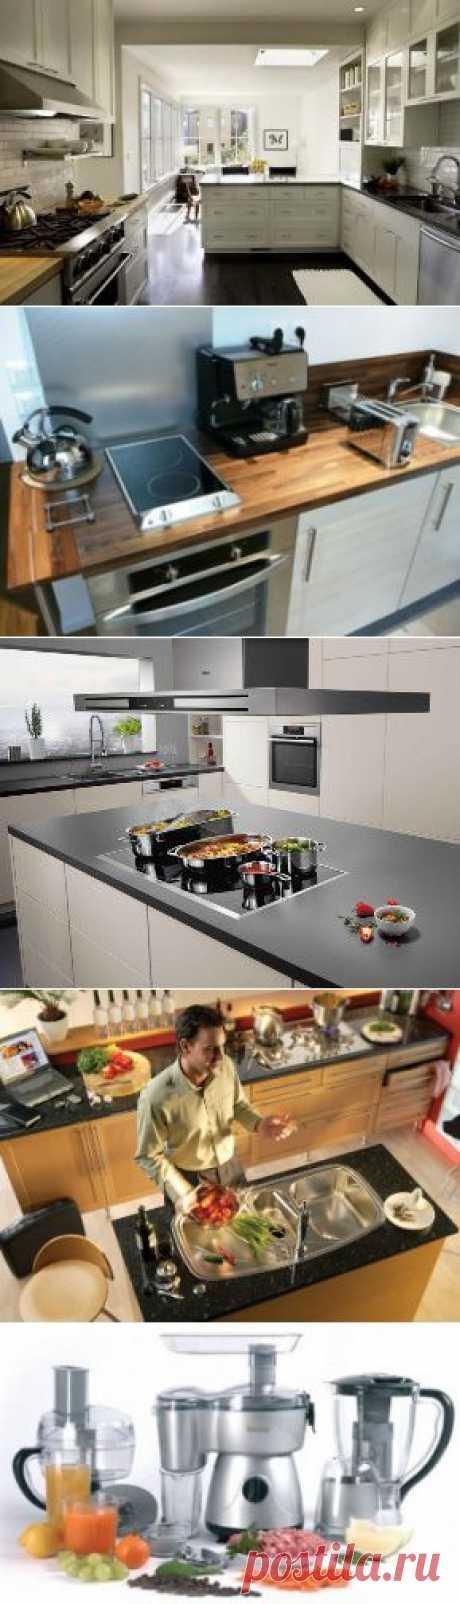 Какими бытовыми приборами оборудовать современную кухню | ПРАВИЛЬНО выбираем бытовую технику